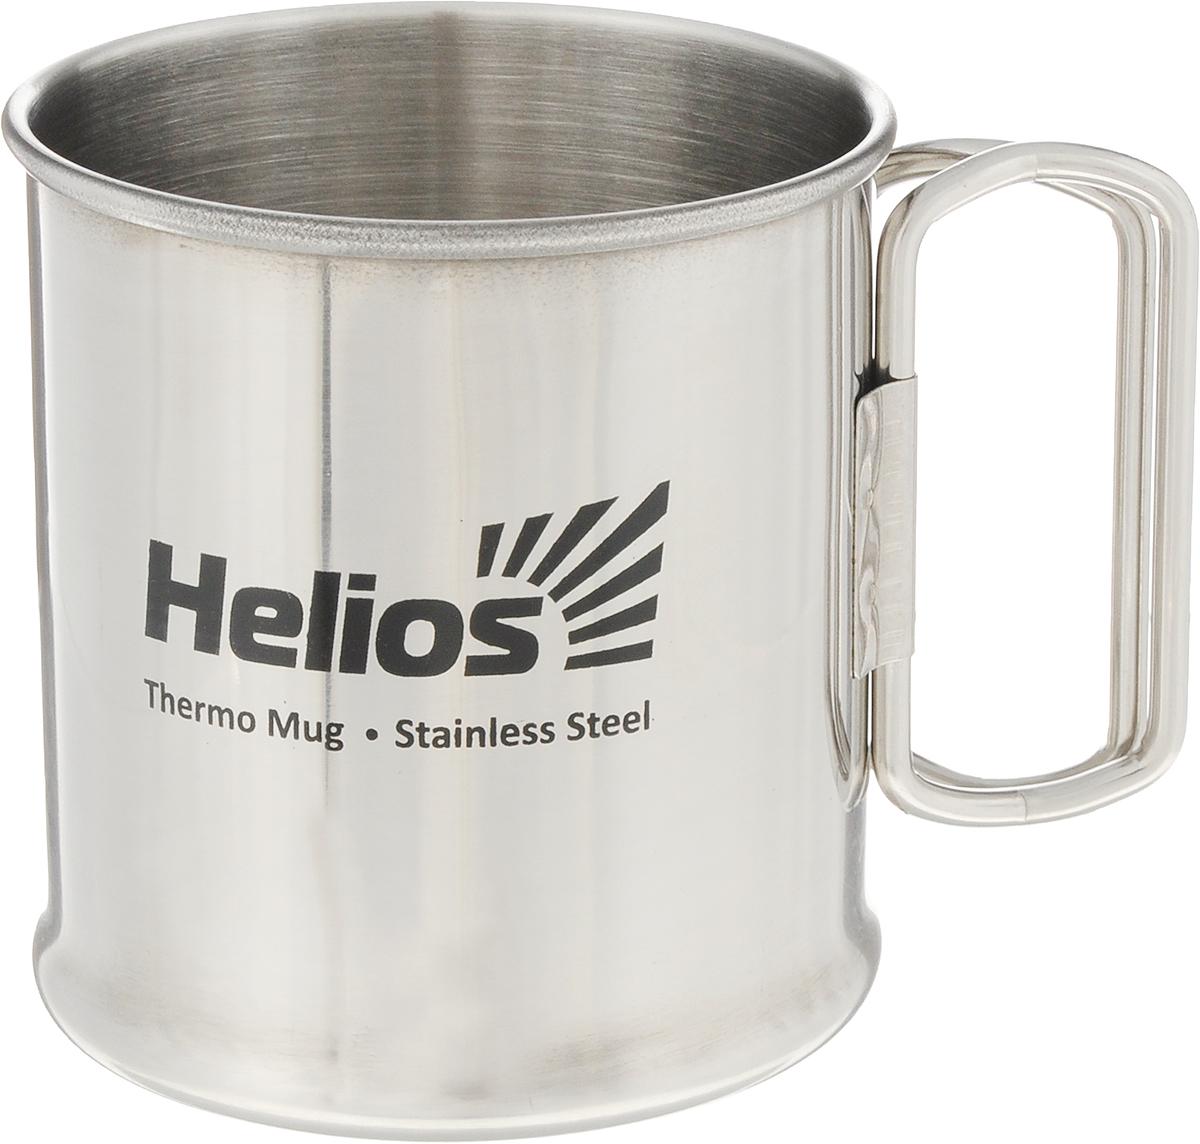 Термокружка HeliosHS TK-014,300 мл203-800 синийТермокружка Helios HS TK-014 предназначена специально для горячих и холодных напитков. Она изготовлена из высококачественной нержавеющей стали. Благодаря складным ручкам кружка занимает минимум места в рюкзаке. Такая кружка прекрасно сохраняет свою целостность и первозданный вид даже при многократном использовании. Диаметр кружки (по верхнему краю): 7 см. Высота кружки: 8 см.